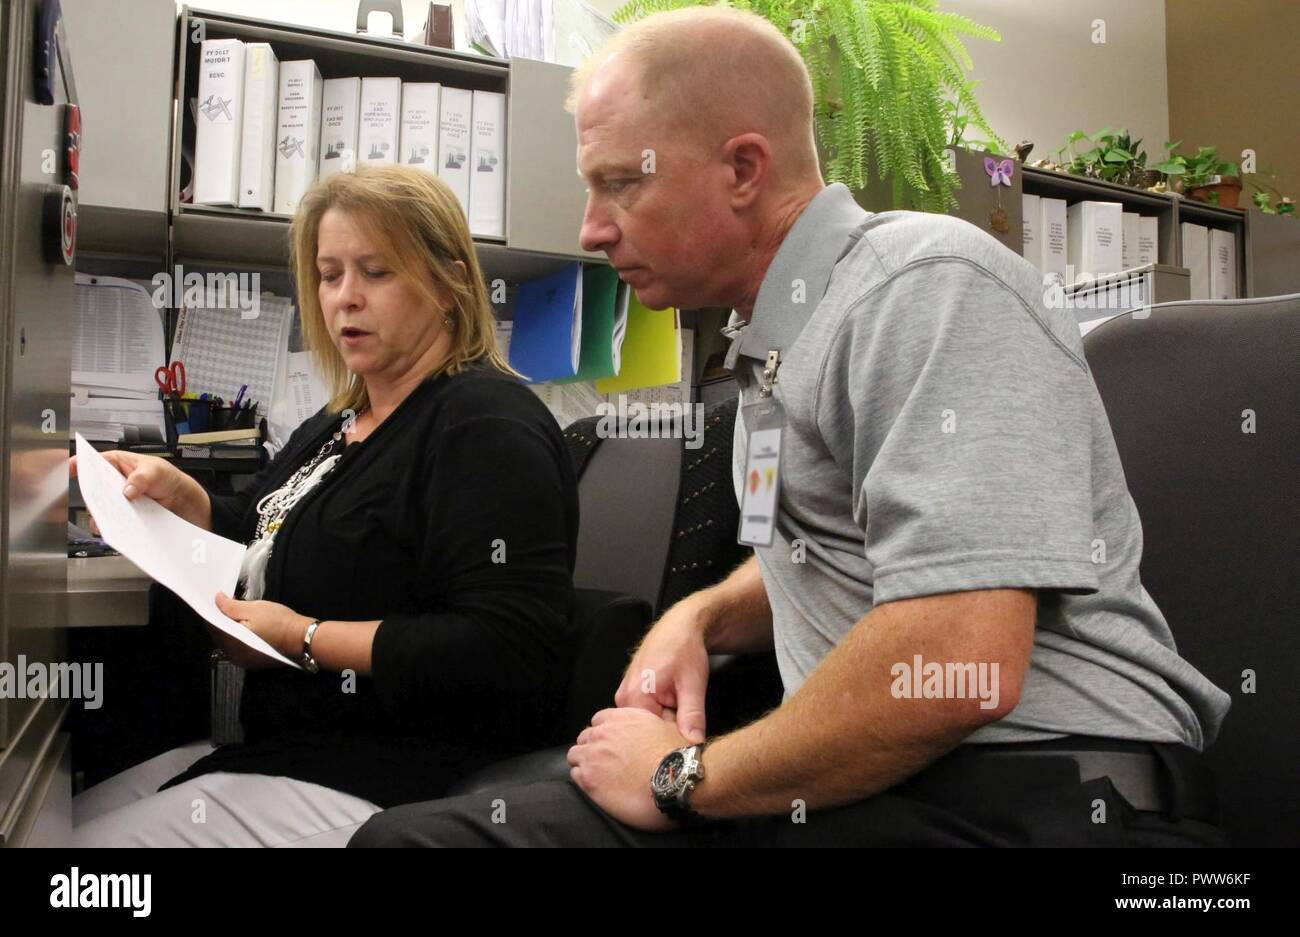 6070299adc Kenneth Edwards, rechts, sieht über die Schreibarbeit mit Joanna Mayer in  der Comptroller Direktion während der 5. jährlichen Schützling Tag bei der  Marine ...